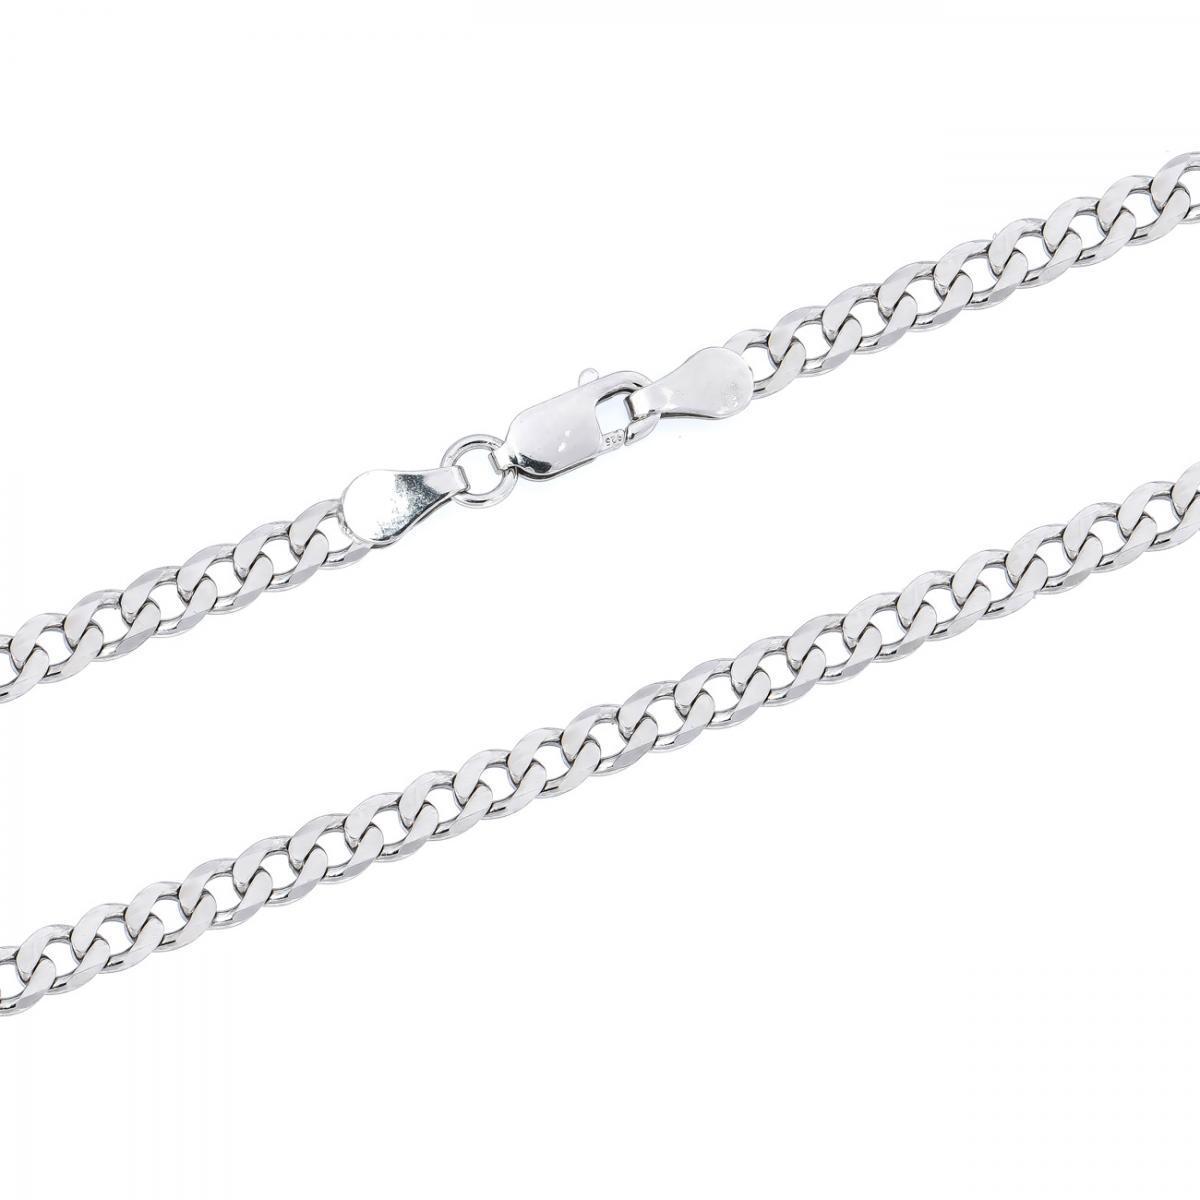 Ланцюжок срібний плетіння панцир GDE 100 rod